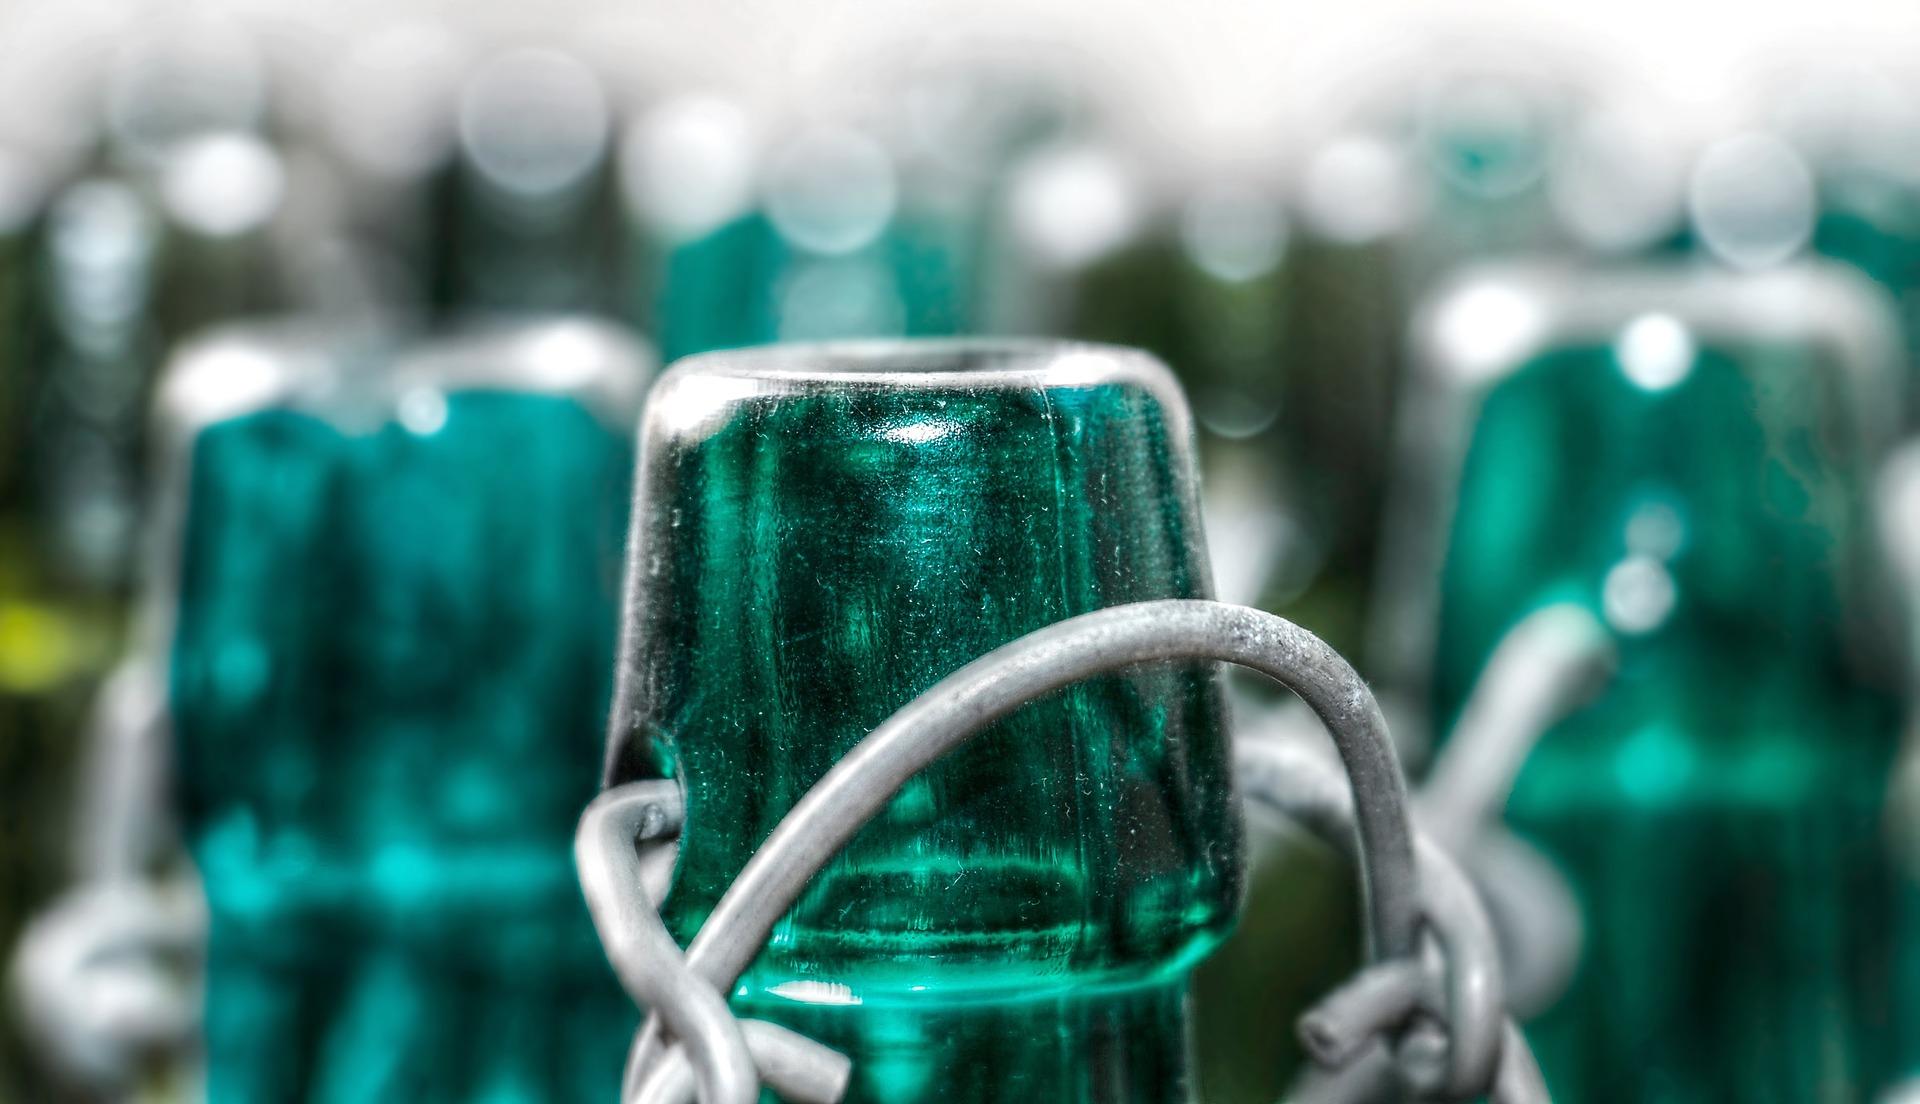 Flaschenhals einer grünen Glasflasche